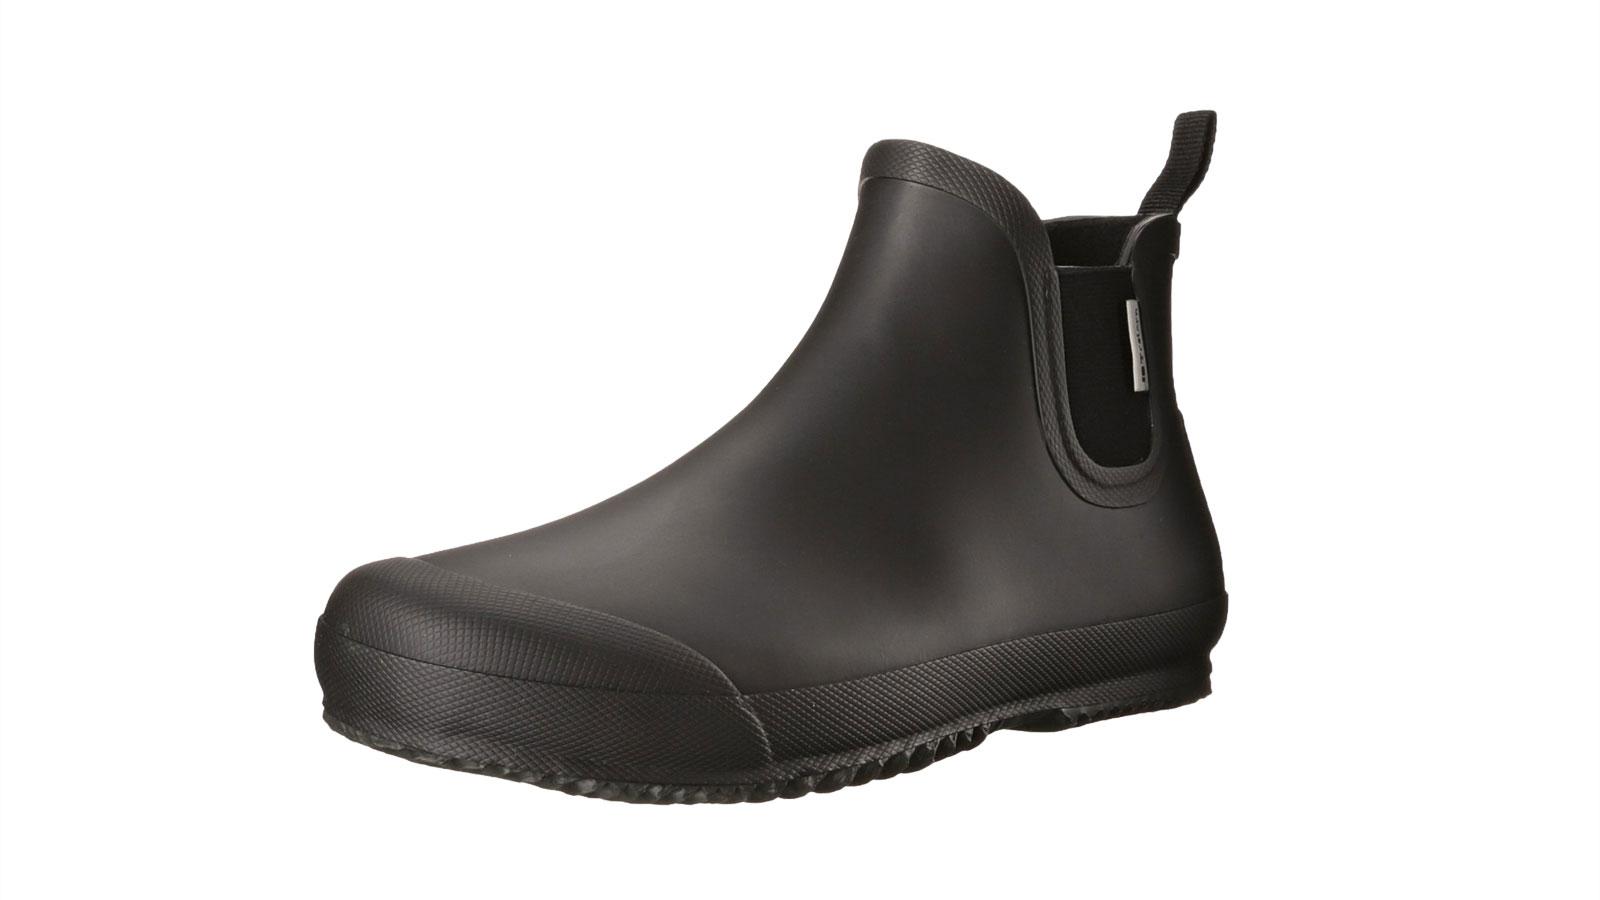 Tretorn Men's BO Waterproof Rain Boot   the best men's waterproof boots